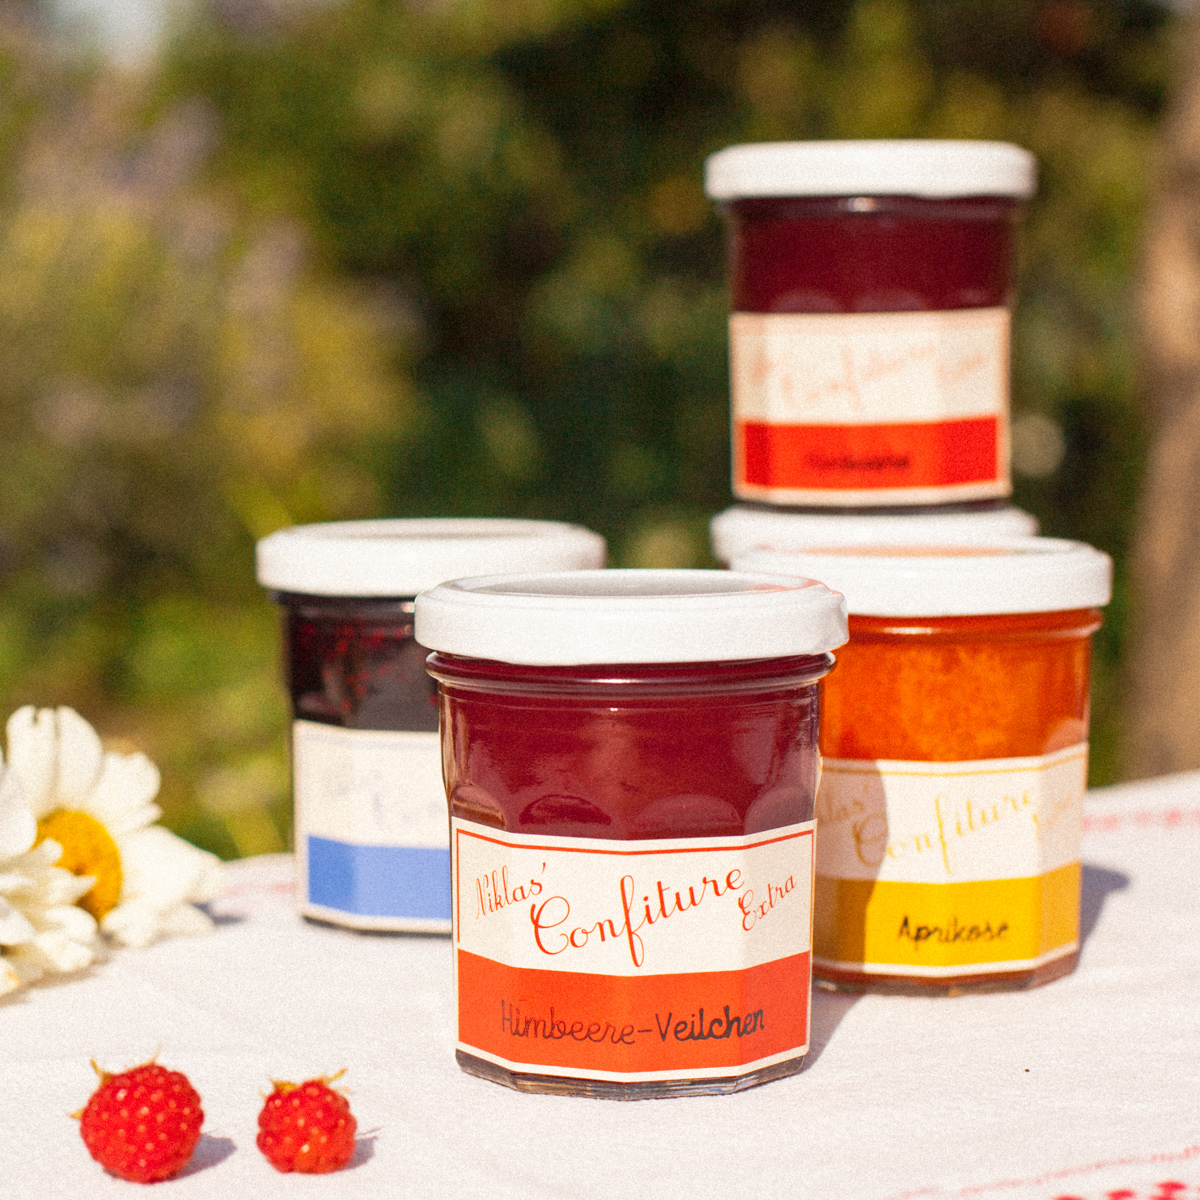 Marmeladen von Niklas Confiture online bestellen